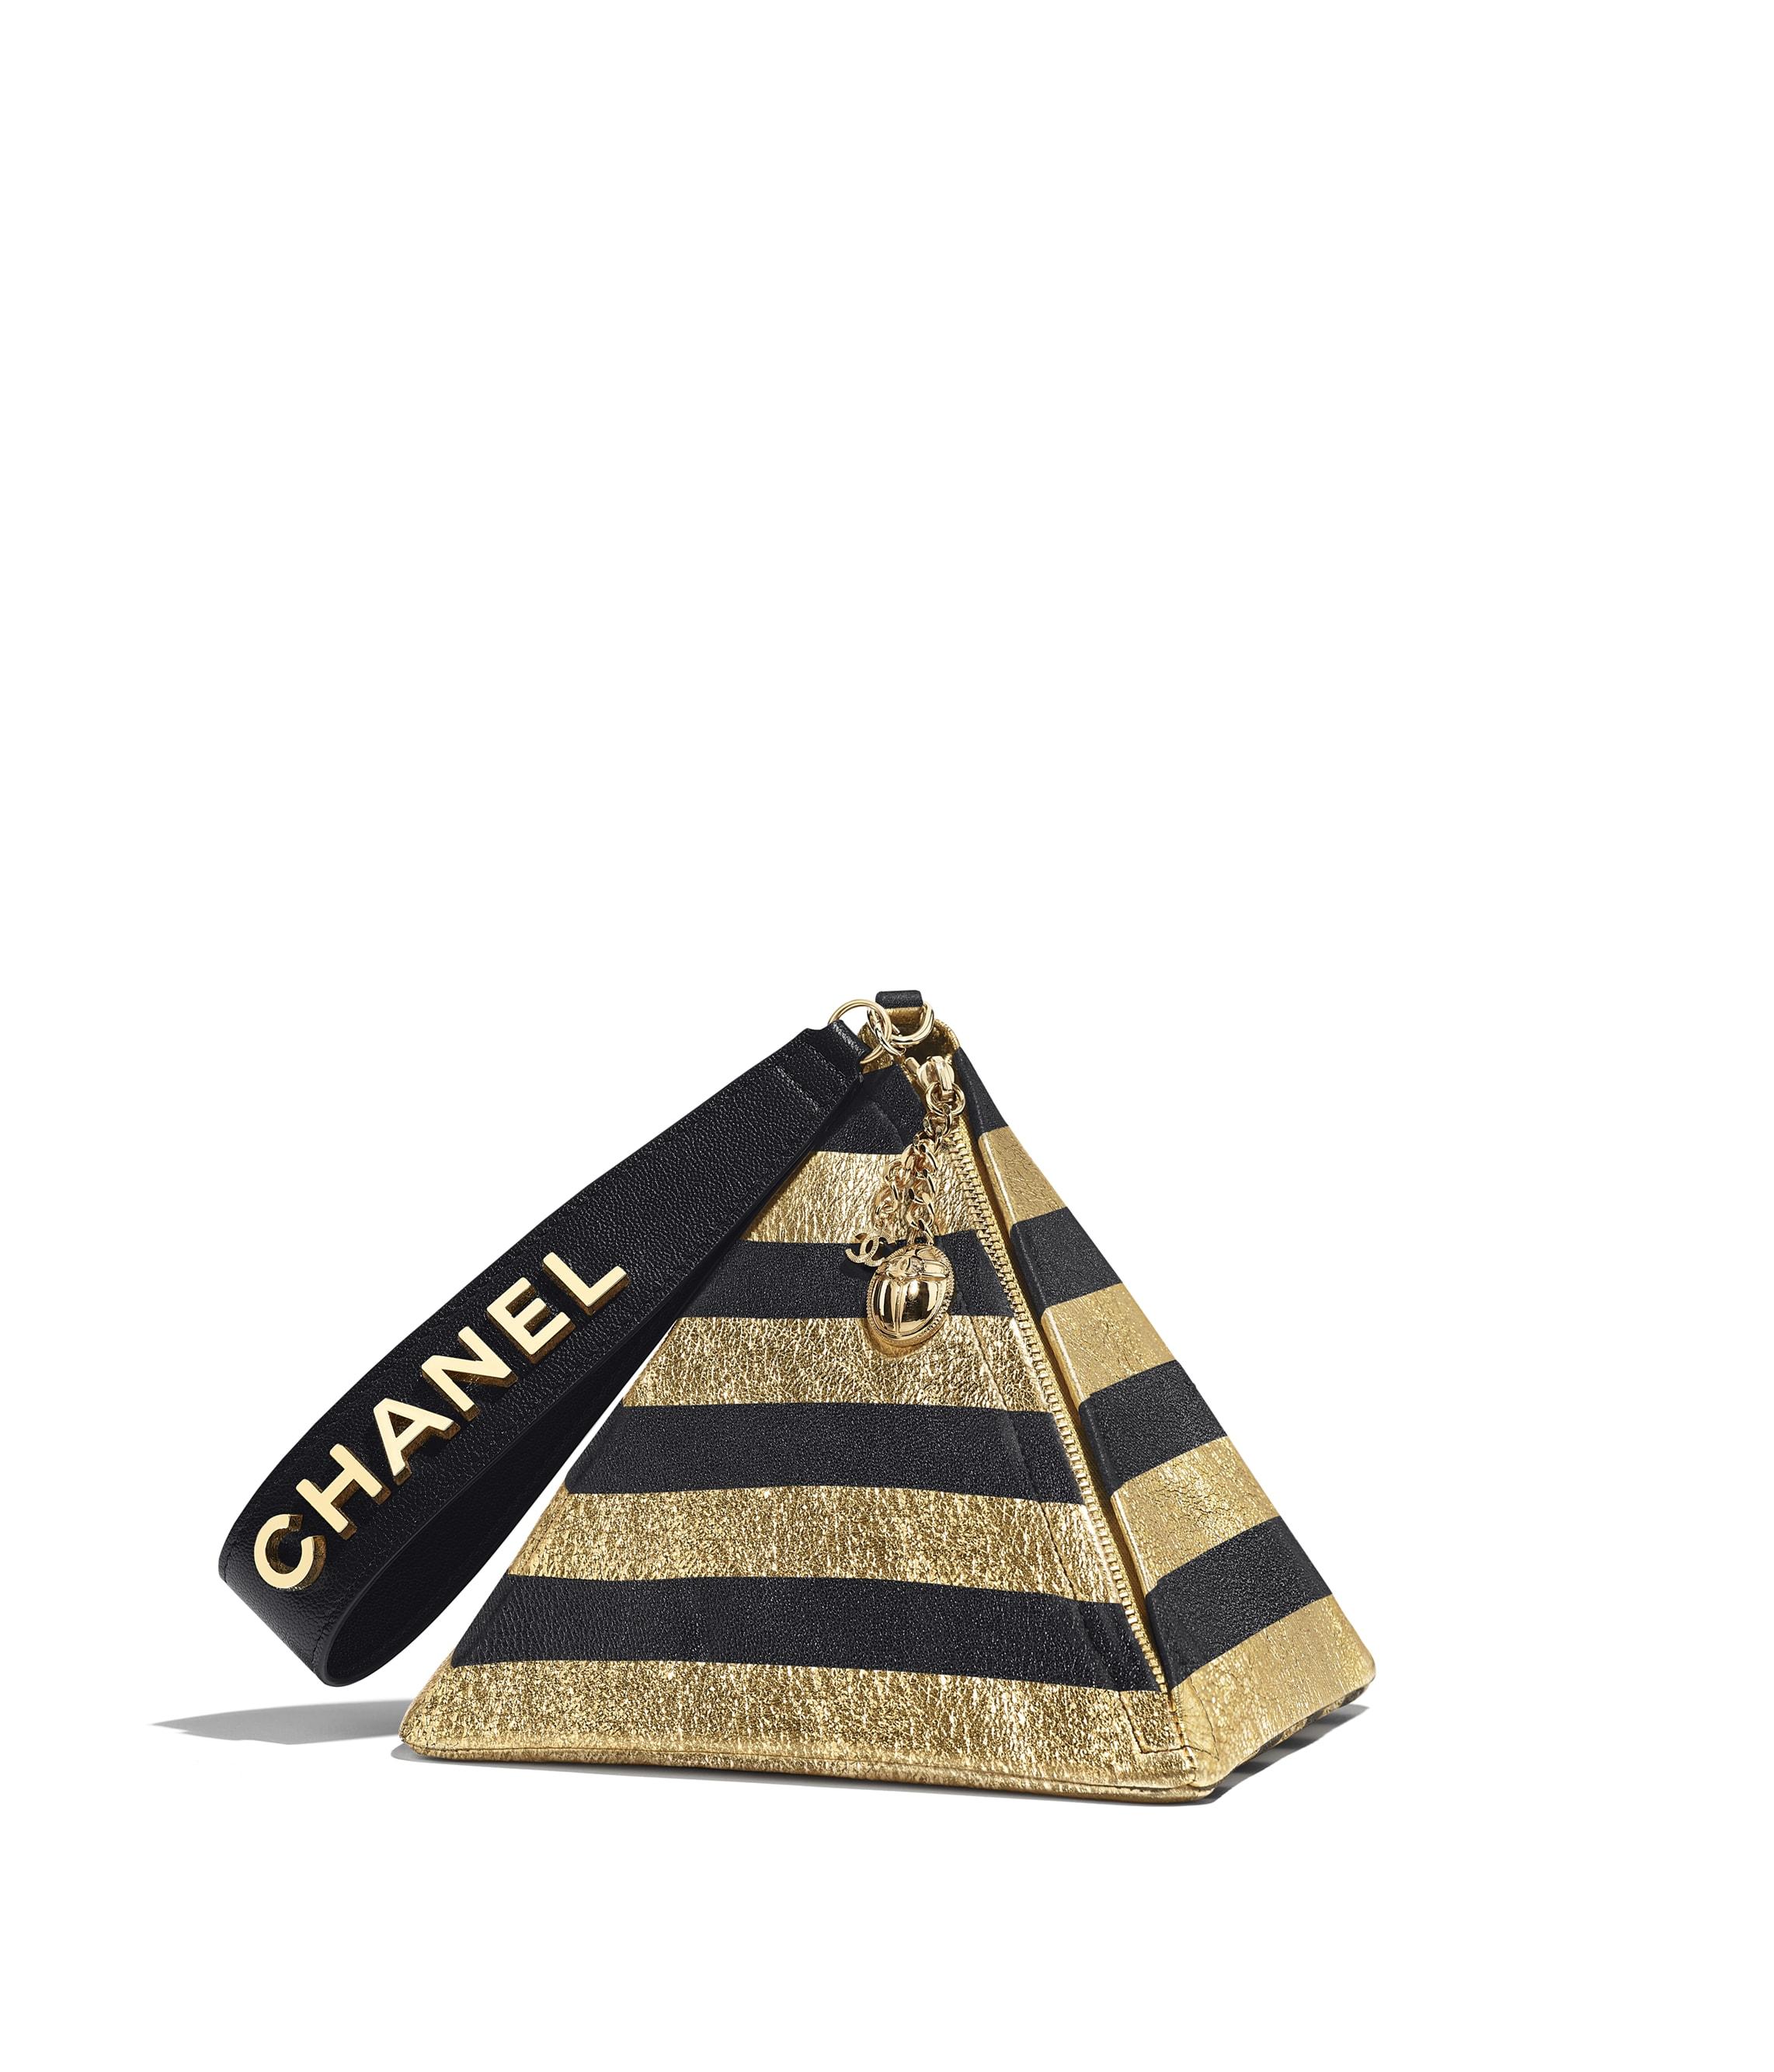 3c1158b627a3bf New This Season - Handbags - CHANEL